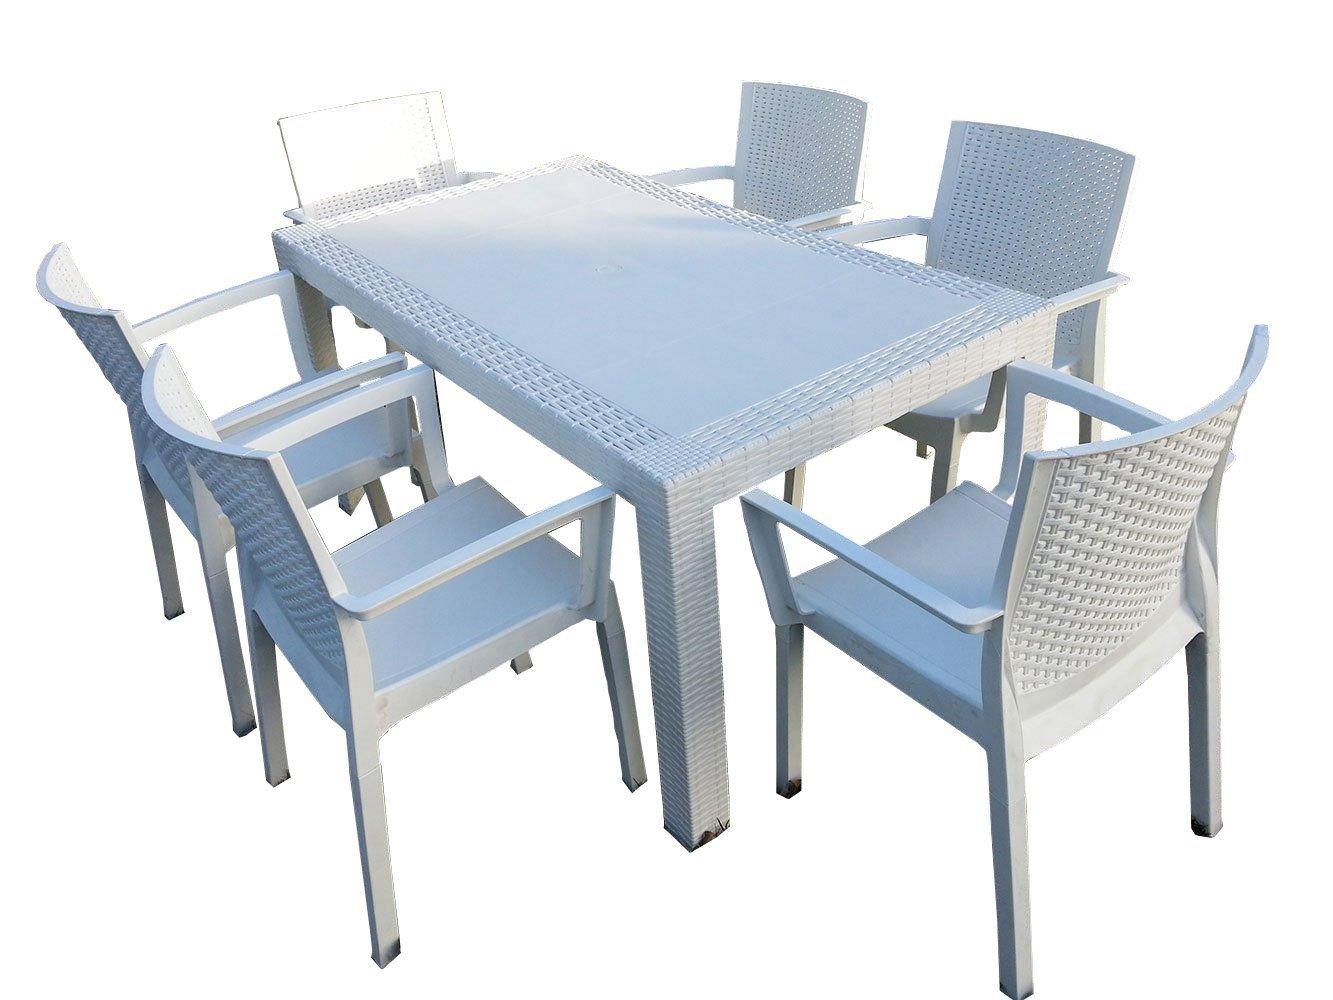 Rattan giardino outsunny set mobili da giardino in pe rattan tavolo con sedie e poggiapiedi con - Cassapanca plastica da esterno ...